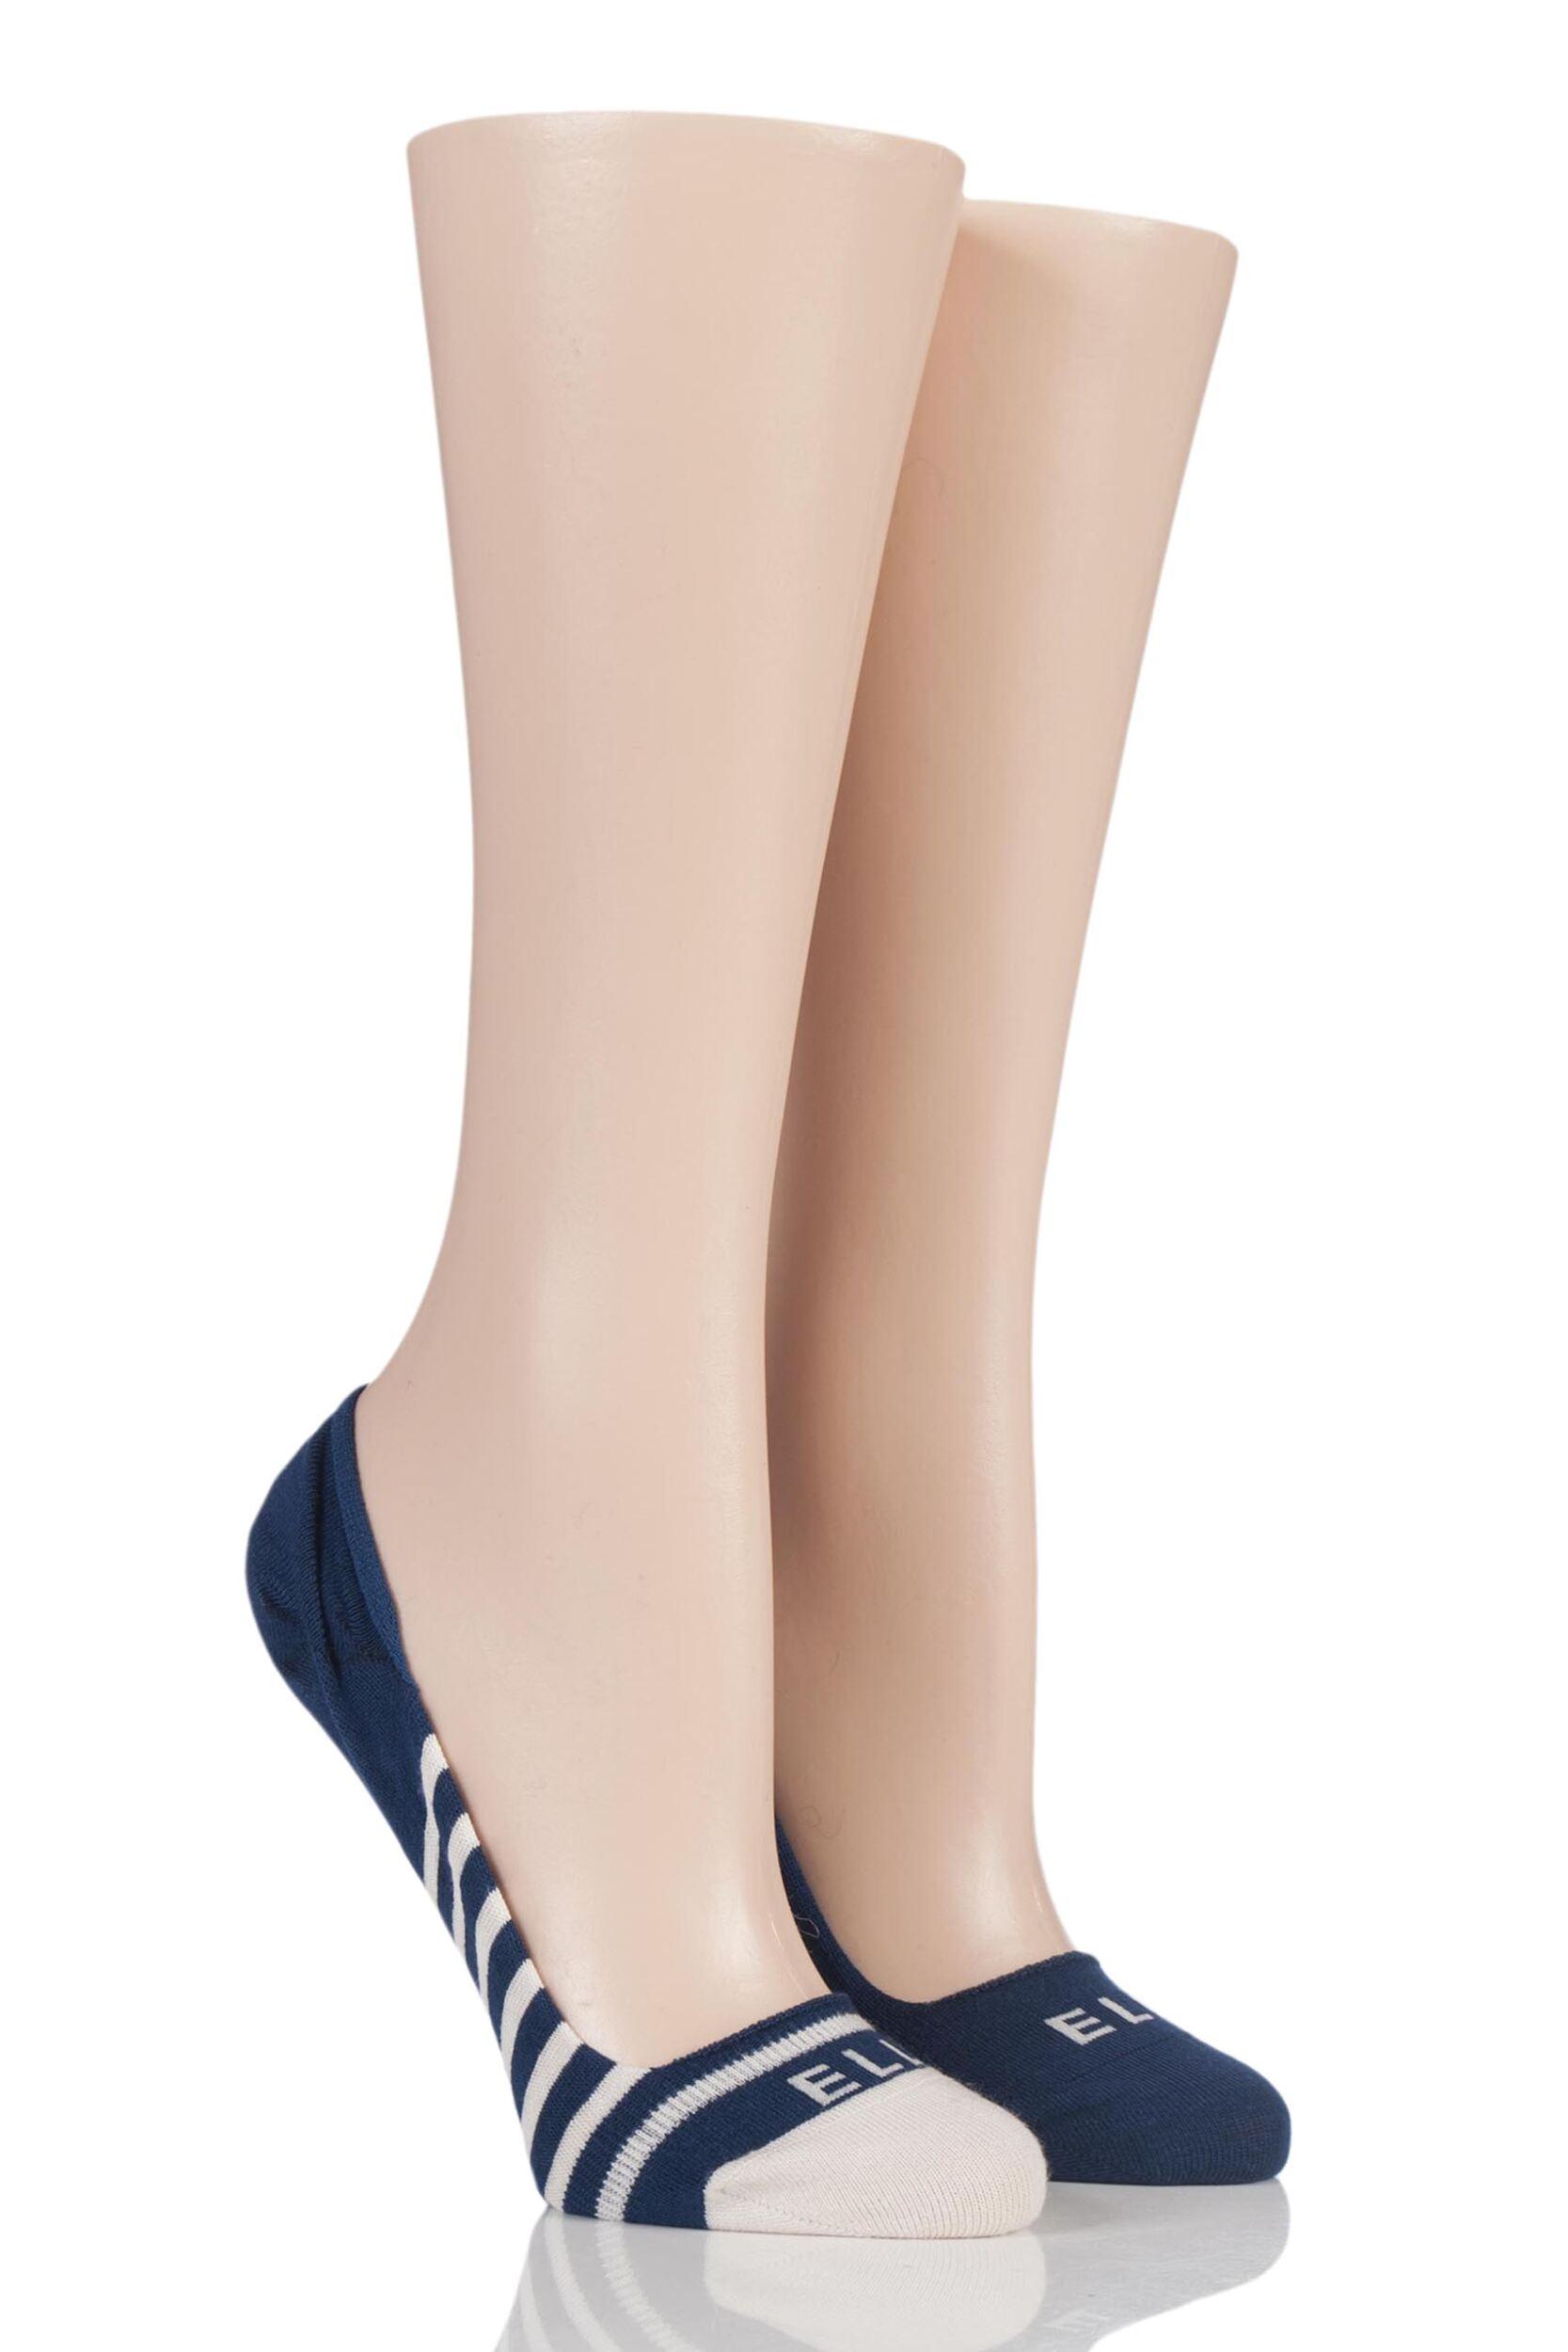 Damas 2 par de bambú Elle a Rayas y Liso Seemless Zapato Calcetines del trazador de líneas